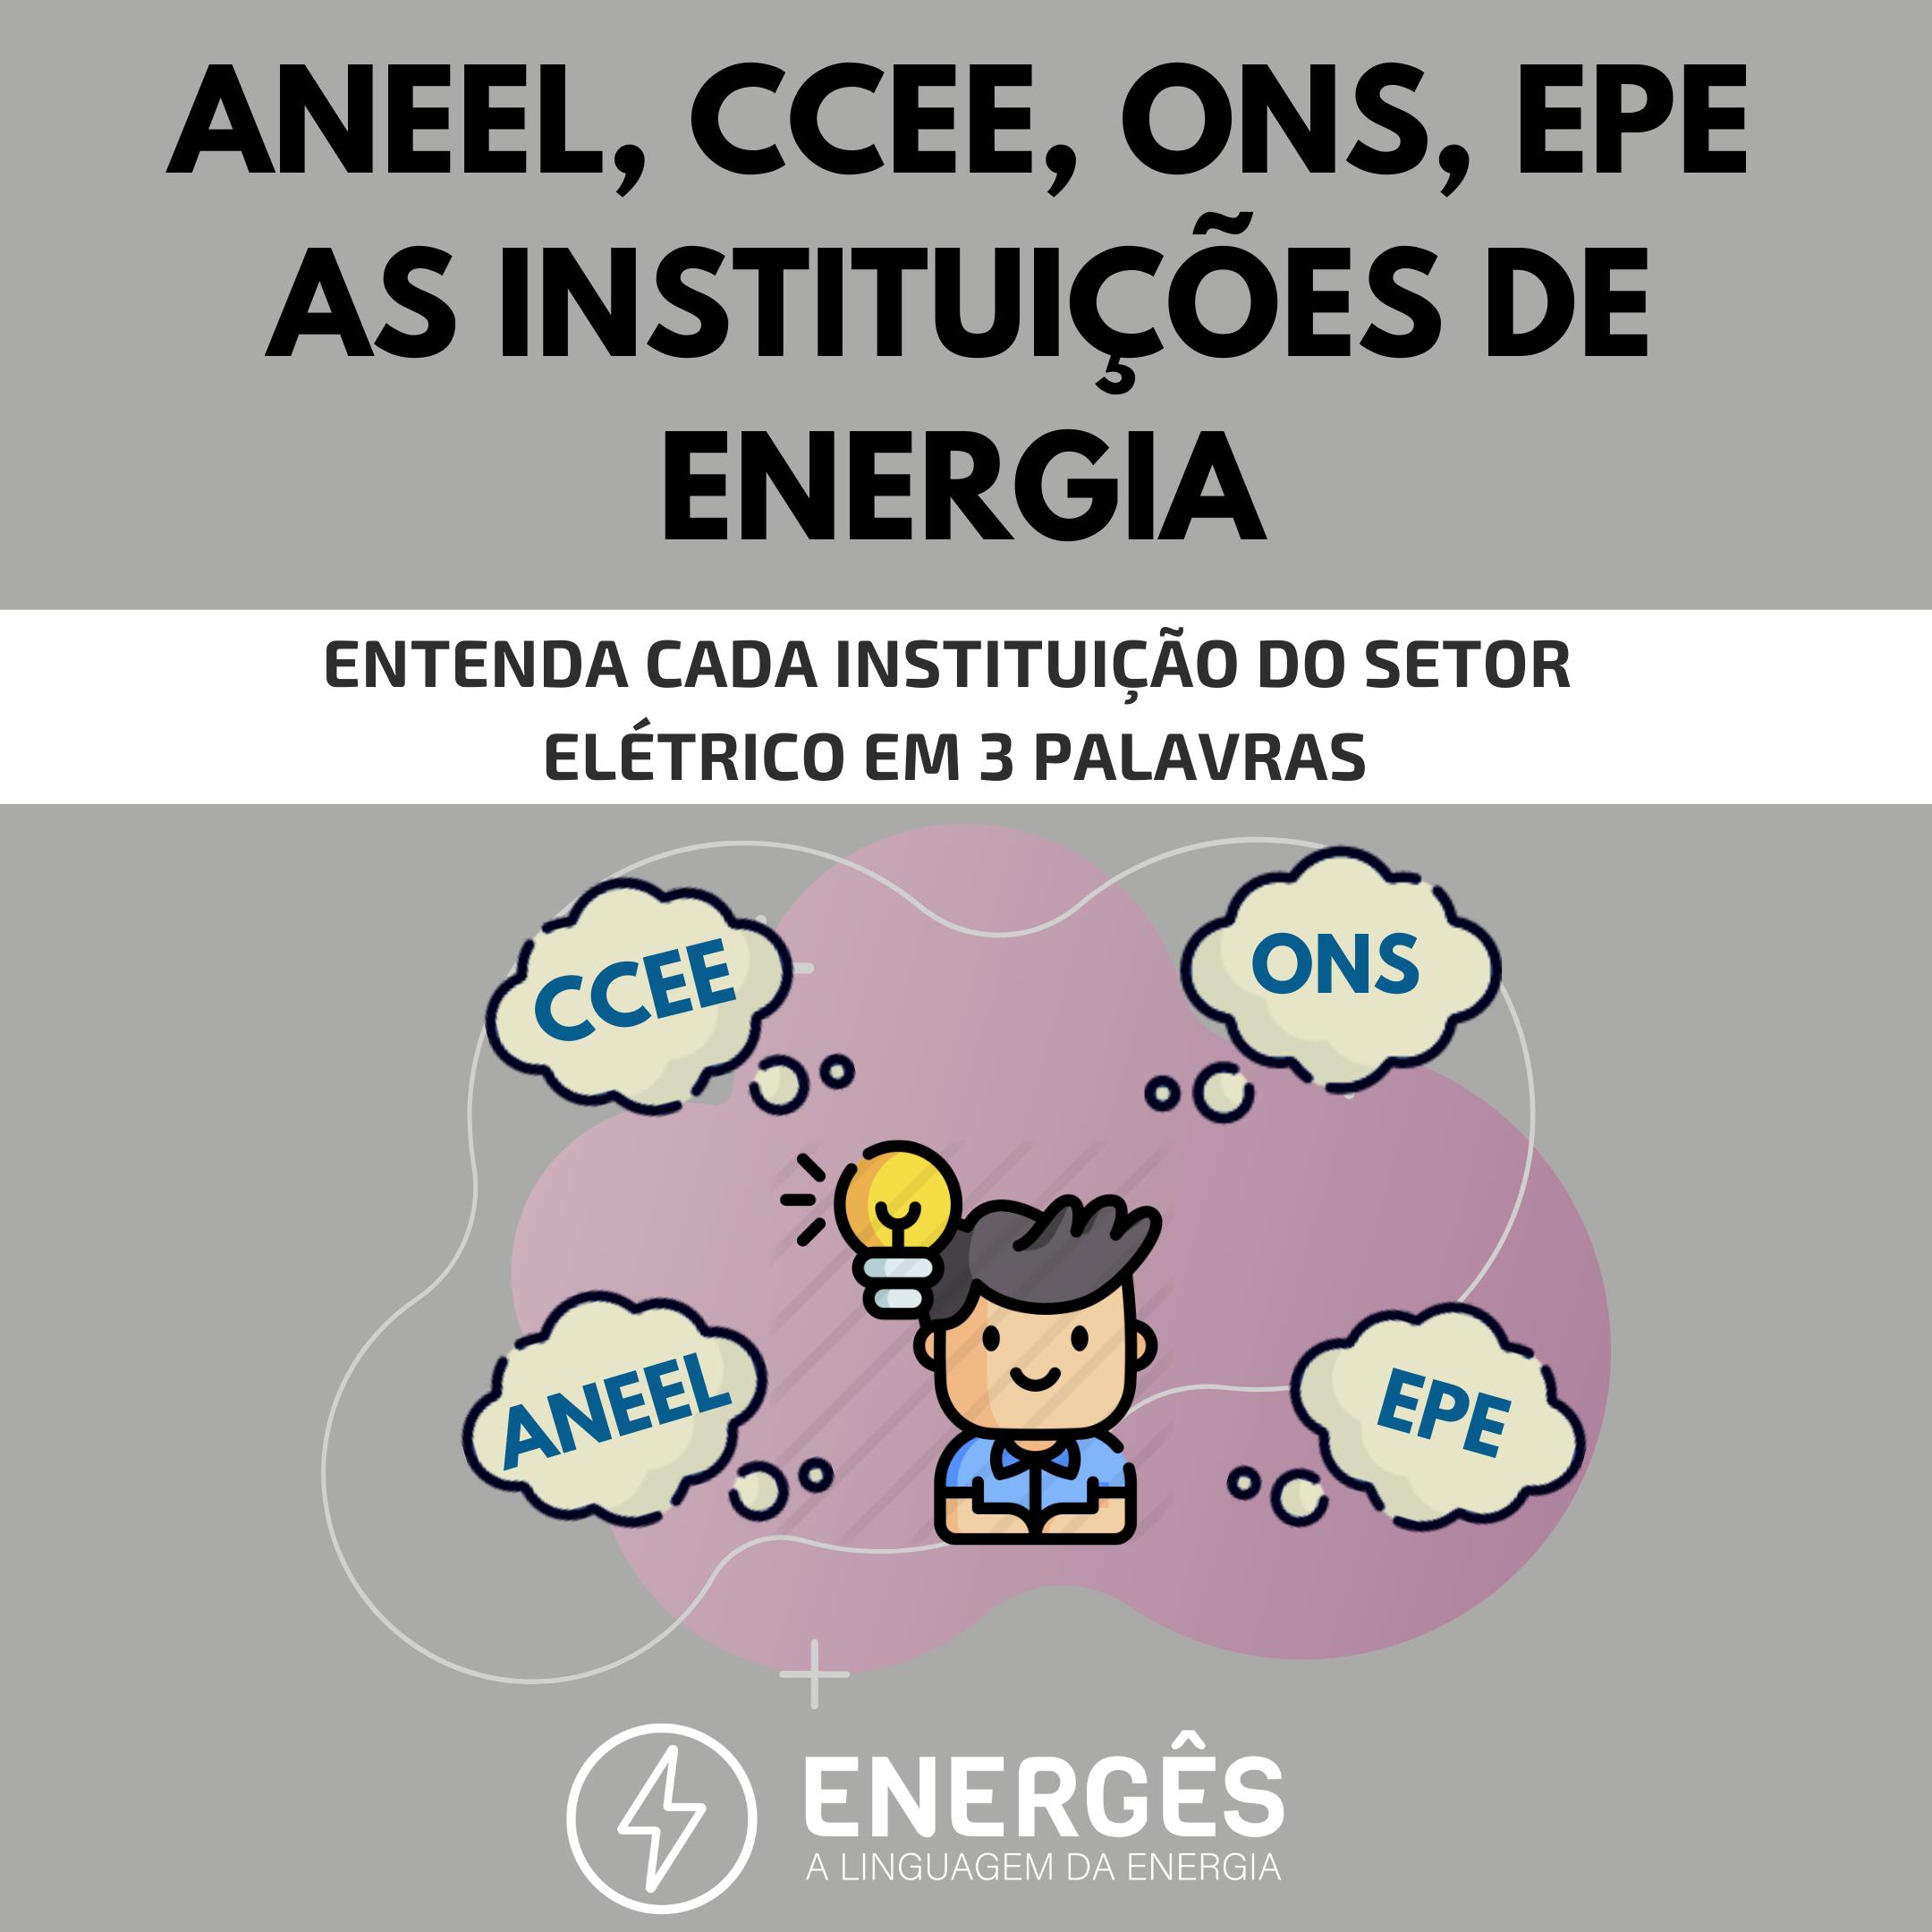 instituições de energia